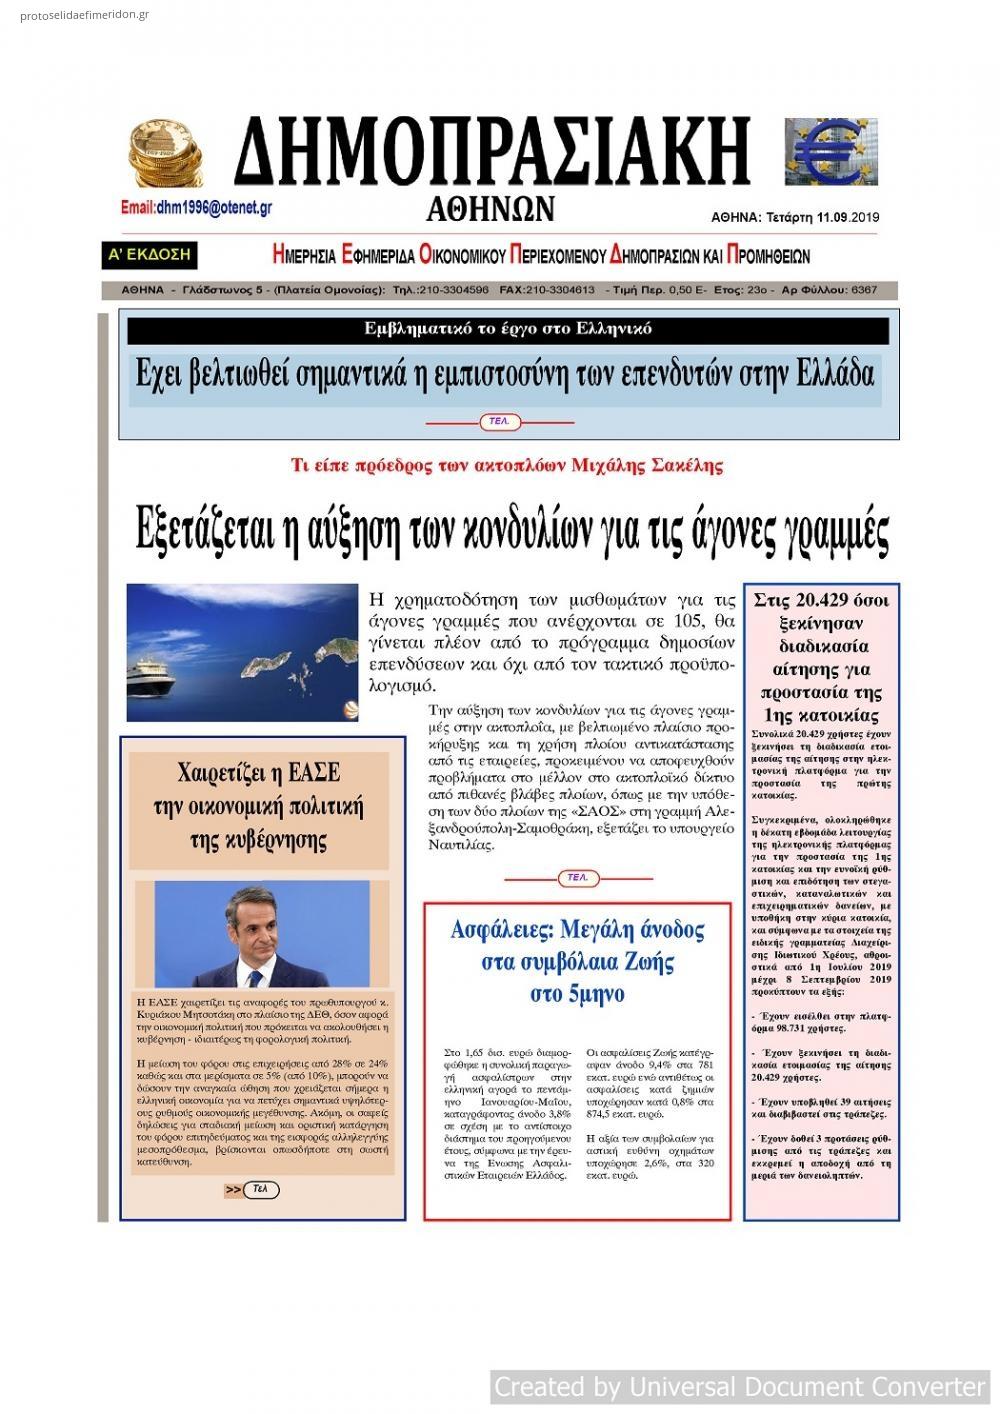 Πρωτοσέλιδο εφημερίδας Δημοπρασιακή